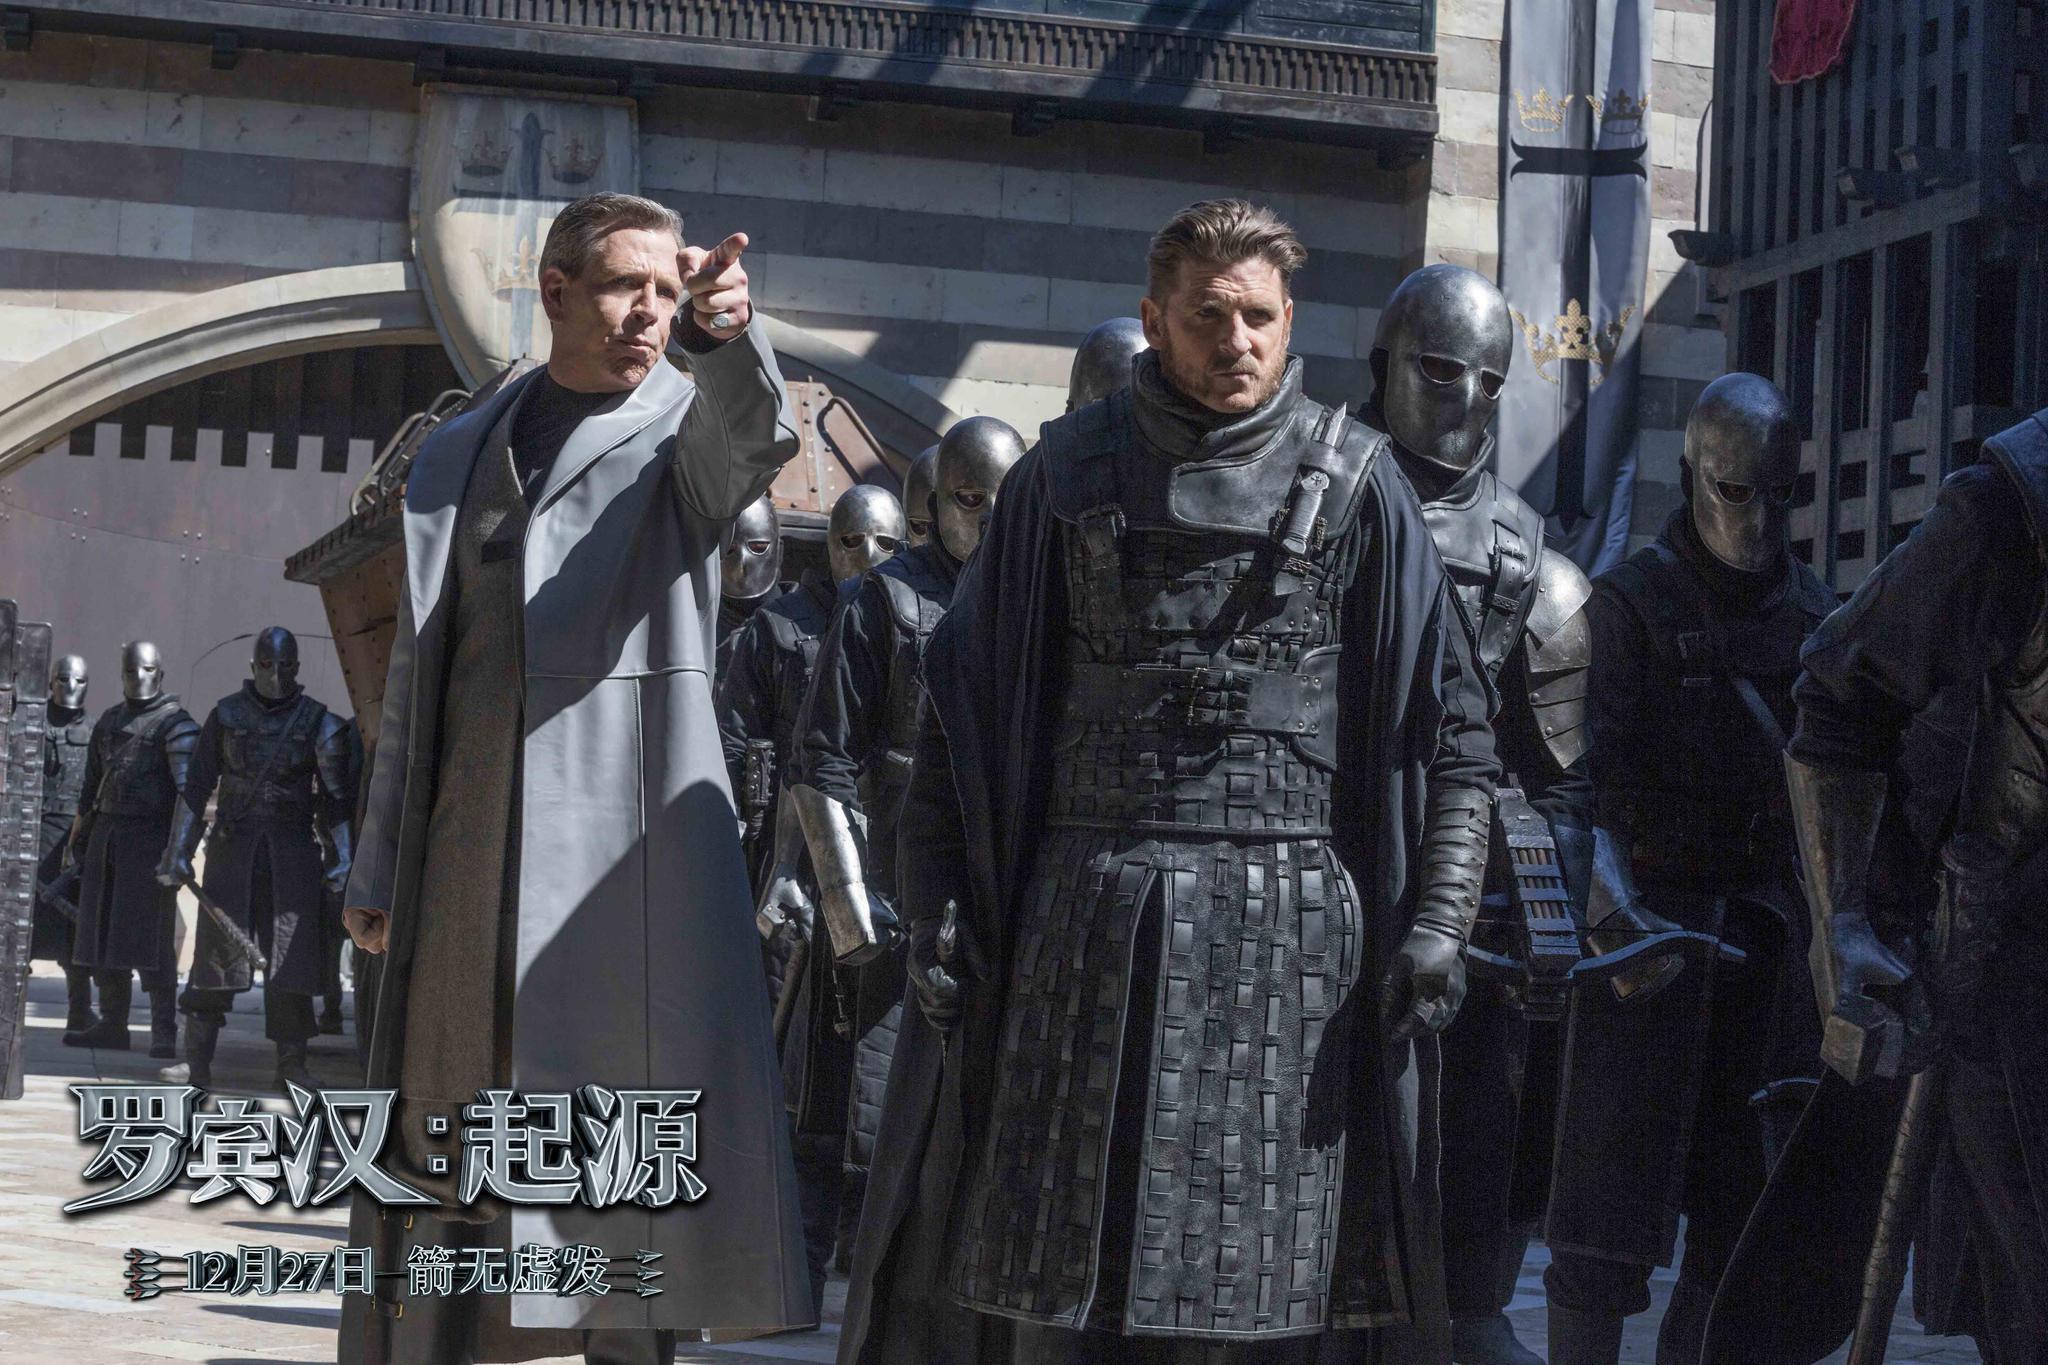 《罗宾汉:起源》重新诠释经典 超强演员阵容卧虎藏龙